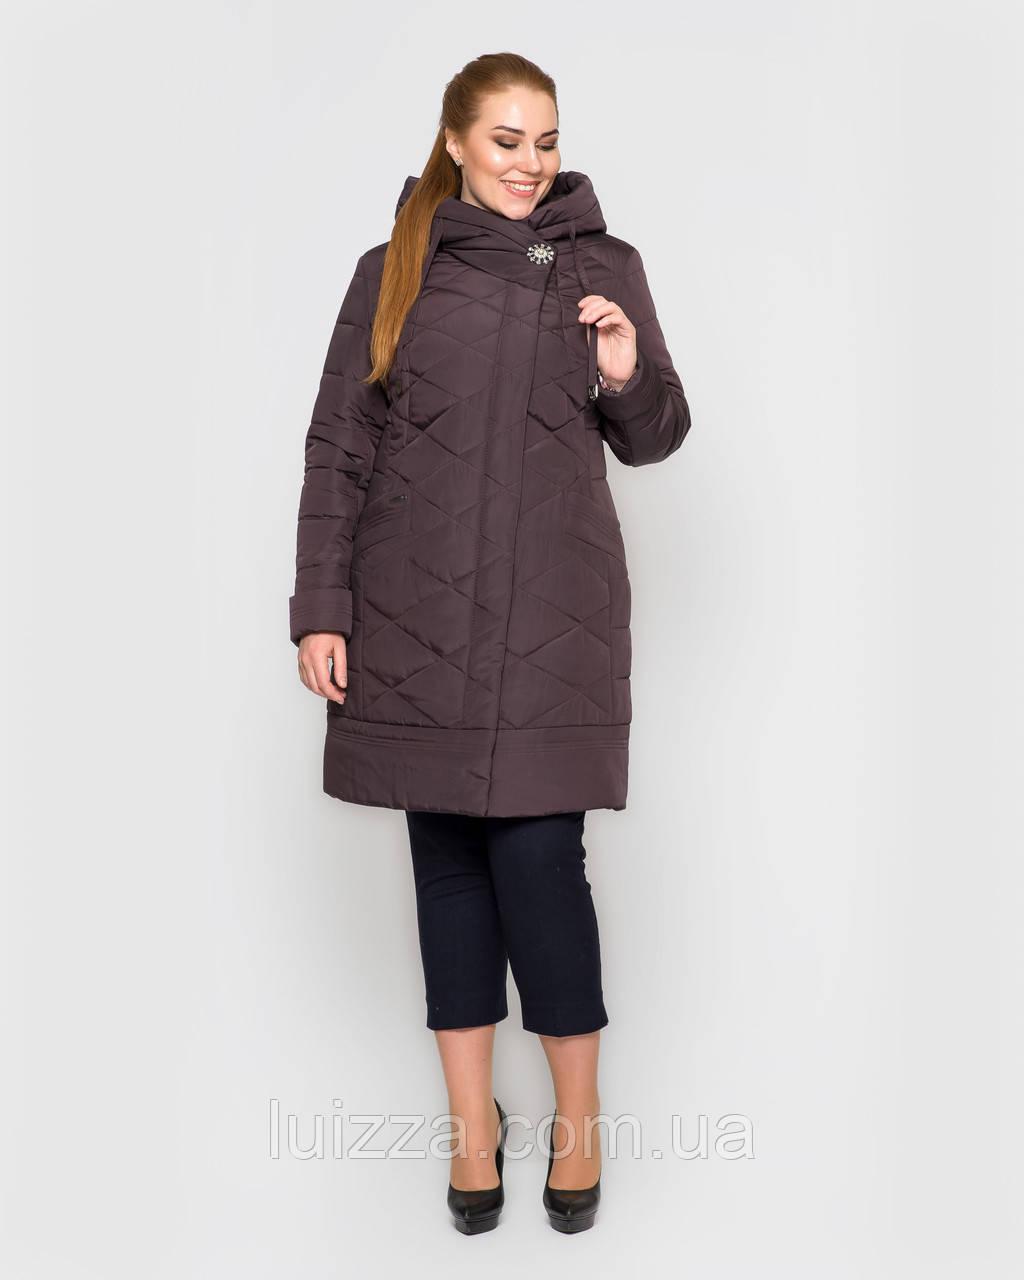 Женская длинная куртка с брошью,  48-58рр коричневый 54